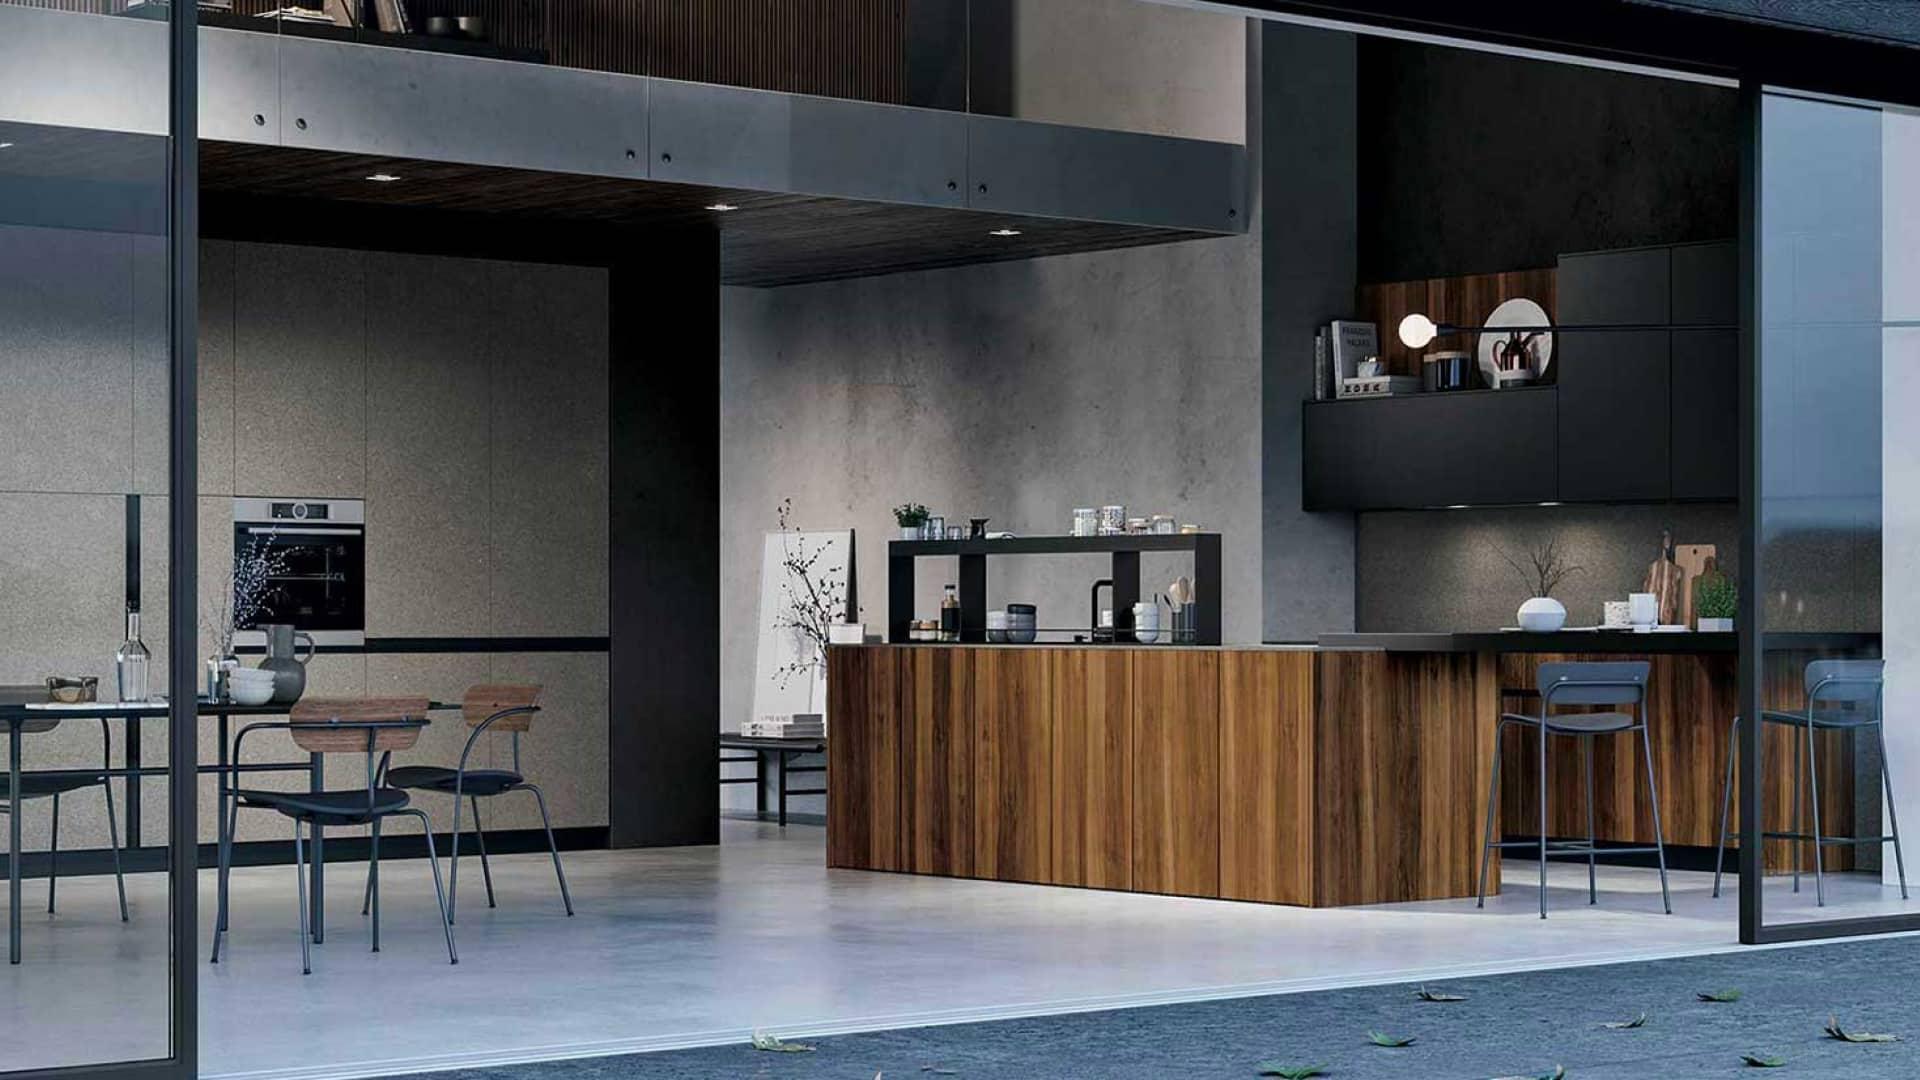 Cuisine & Pose Marseille Aix-en-Provence Cuisiniste Cuisine équipée sur-mesure réalisations ilot central bois placard noirs et beige